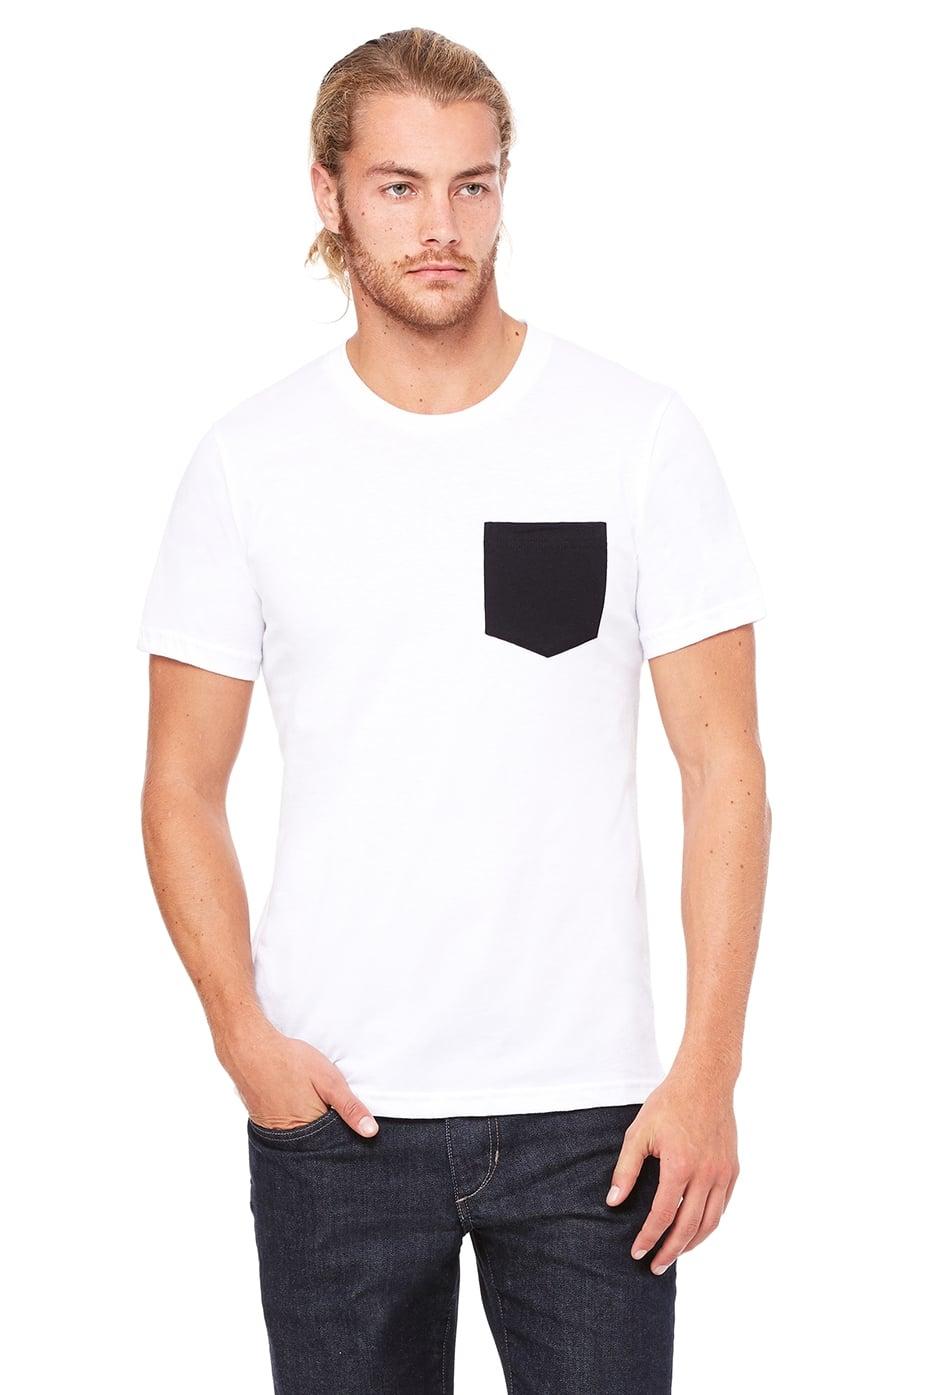 5b8bb77133a206 Camiseta con bolsillo combinado hombre.